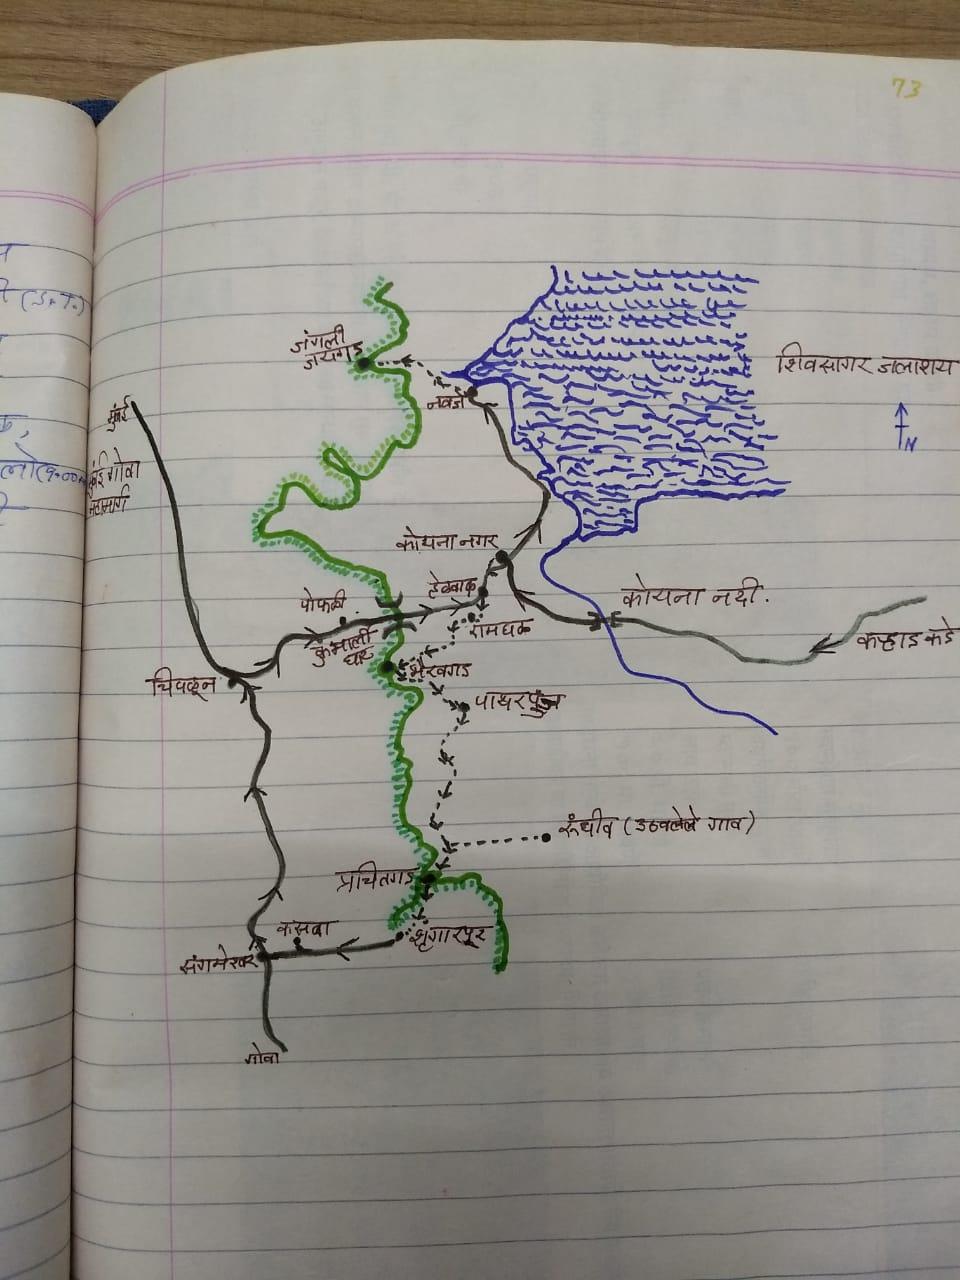 जंगली जयगड, भैरवगड, प्रचितगड व रामघळ – डिसेंबर १९९९ चा जंबो ट्रेक